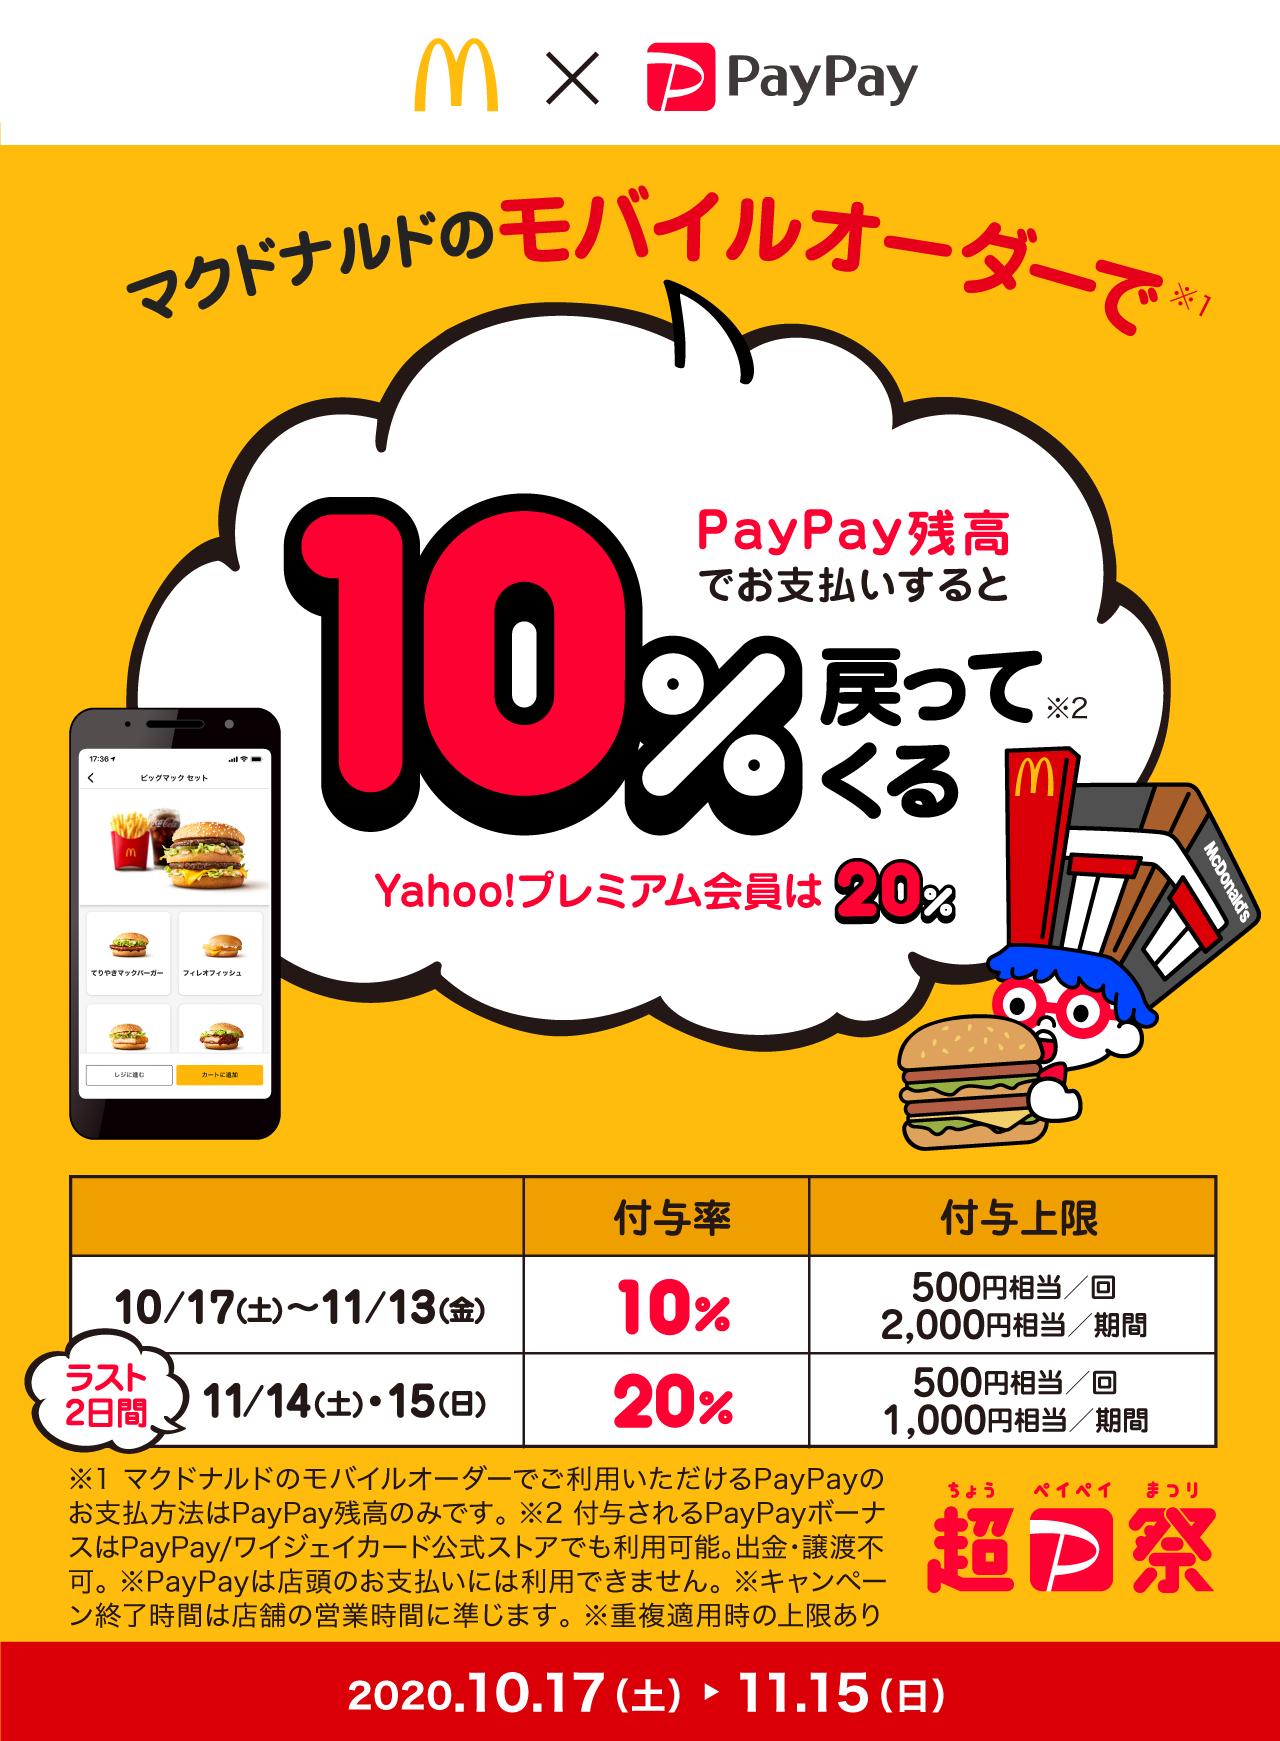 マクドナルドのモバイルオーダーでPayPay残高でお支払いすると10%戻ってくる